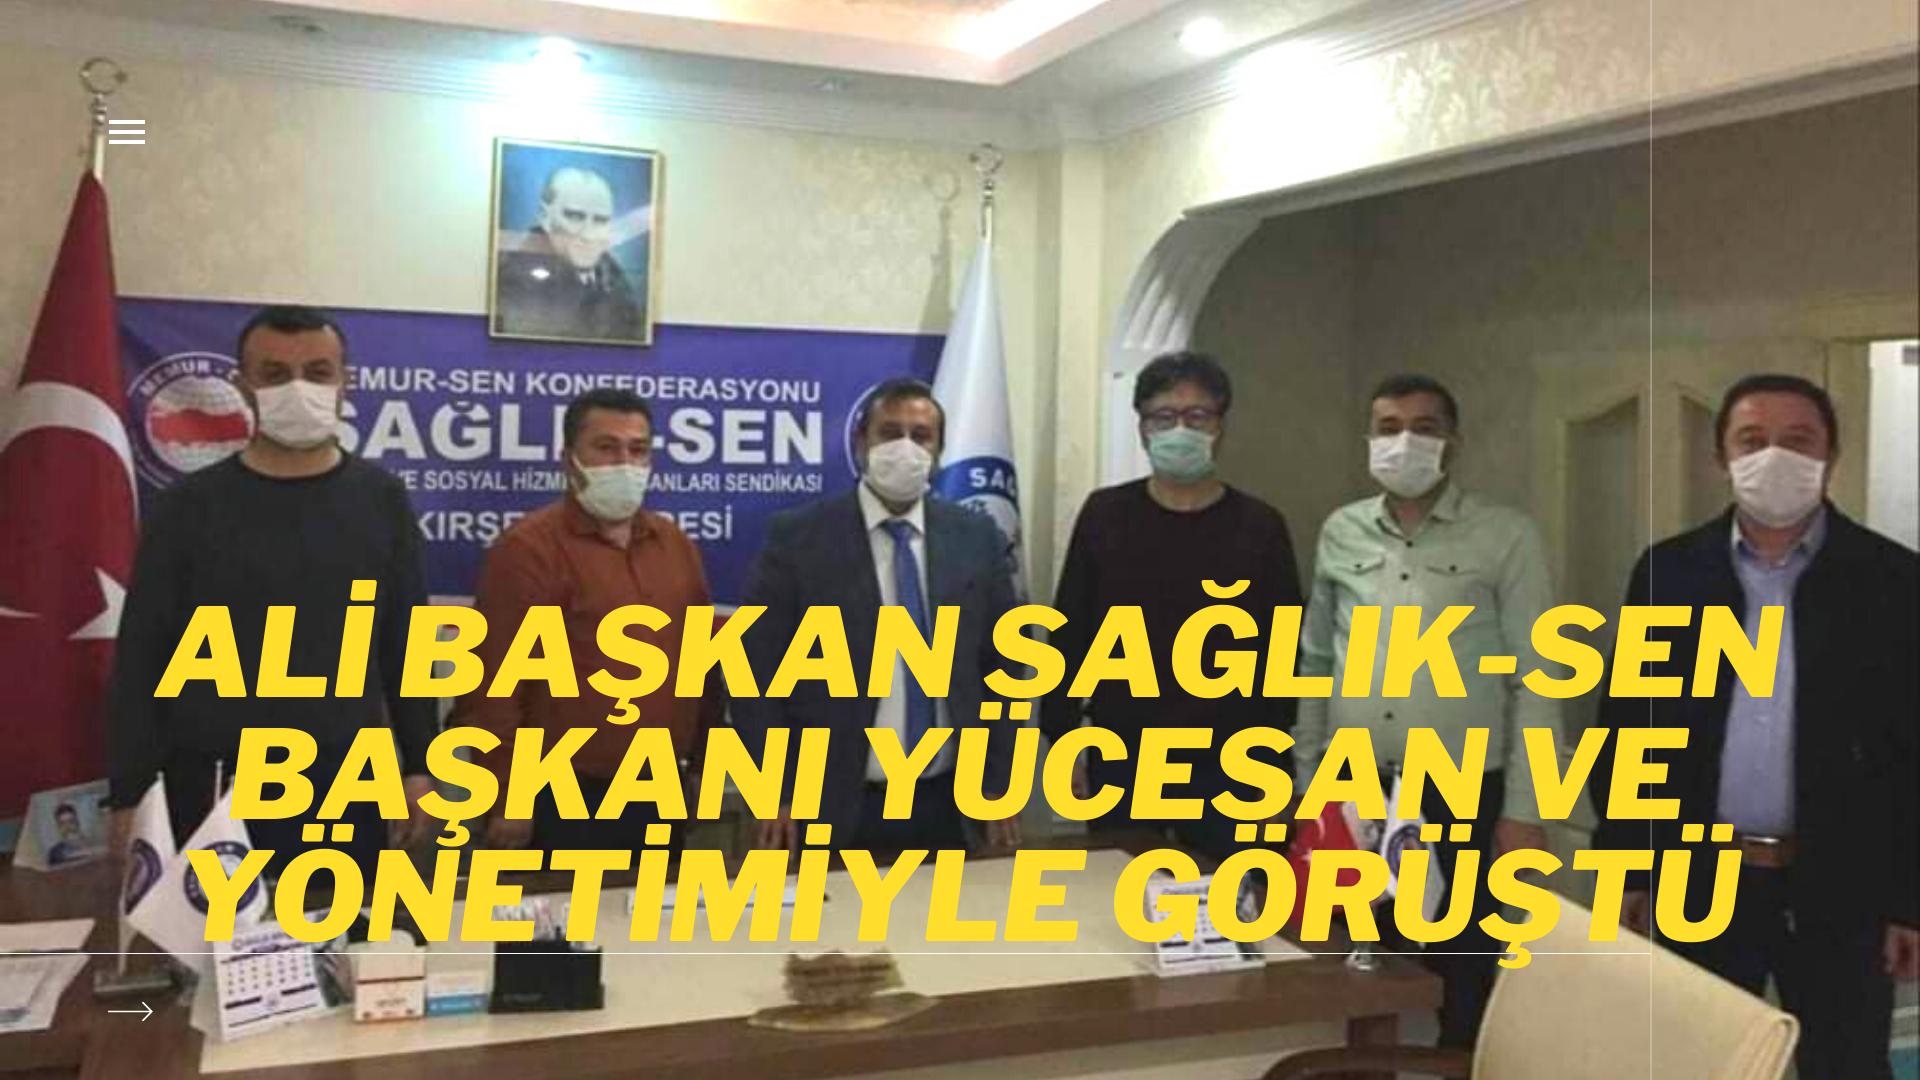 Demir, Sağlık-Sen Başkanı Yücesan ve yönetimini ziyaret etti